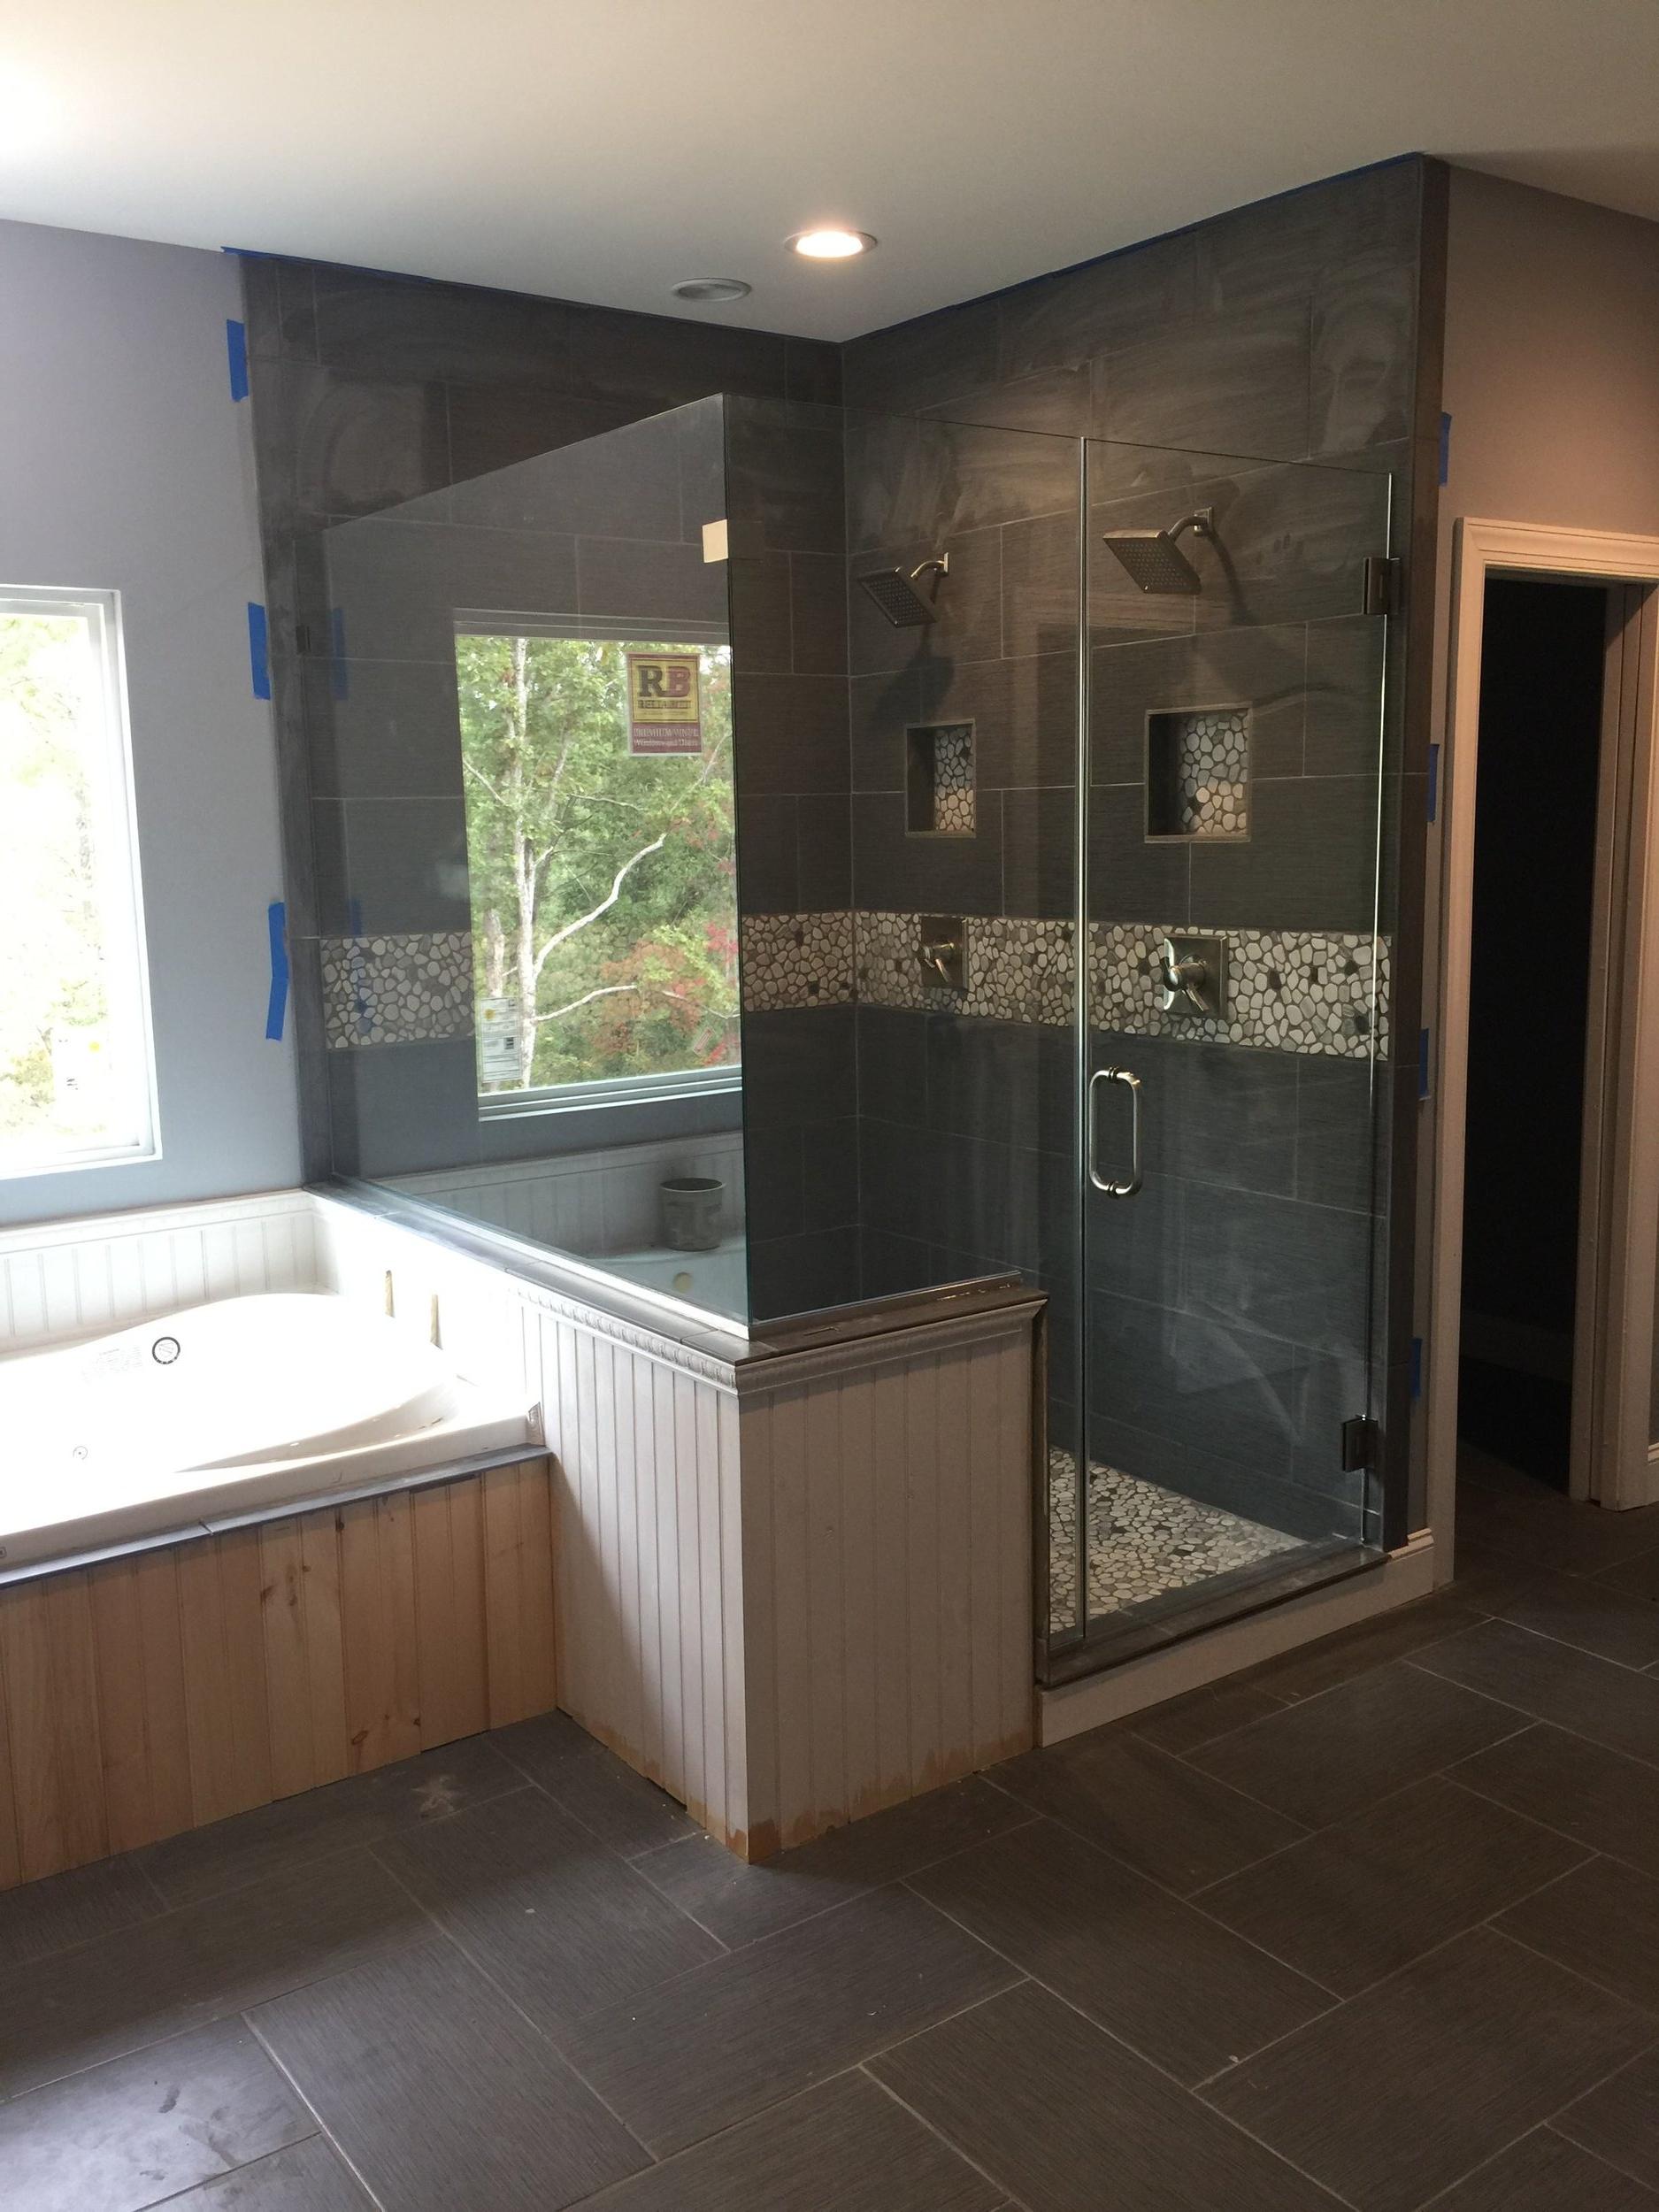 Chase_shower_door_photos-37.jpg